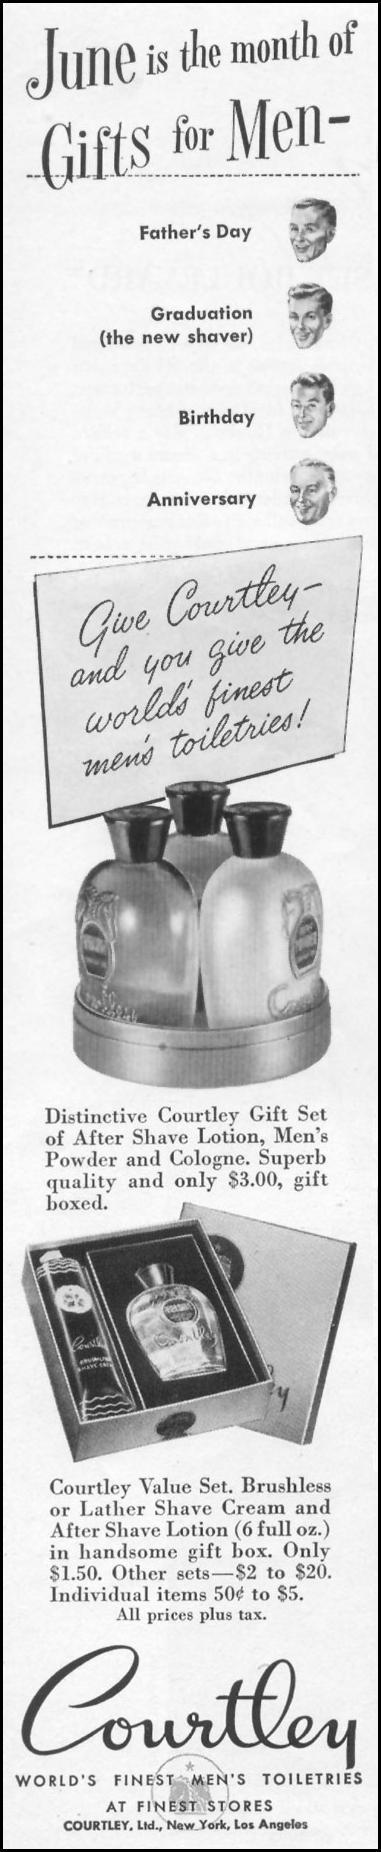 MEN'S TOILETRIES LIFE 06/05/1950 p. 82